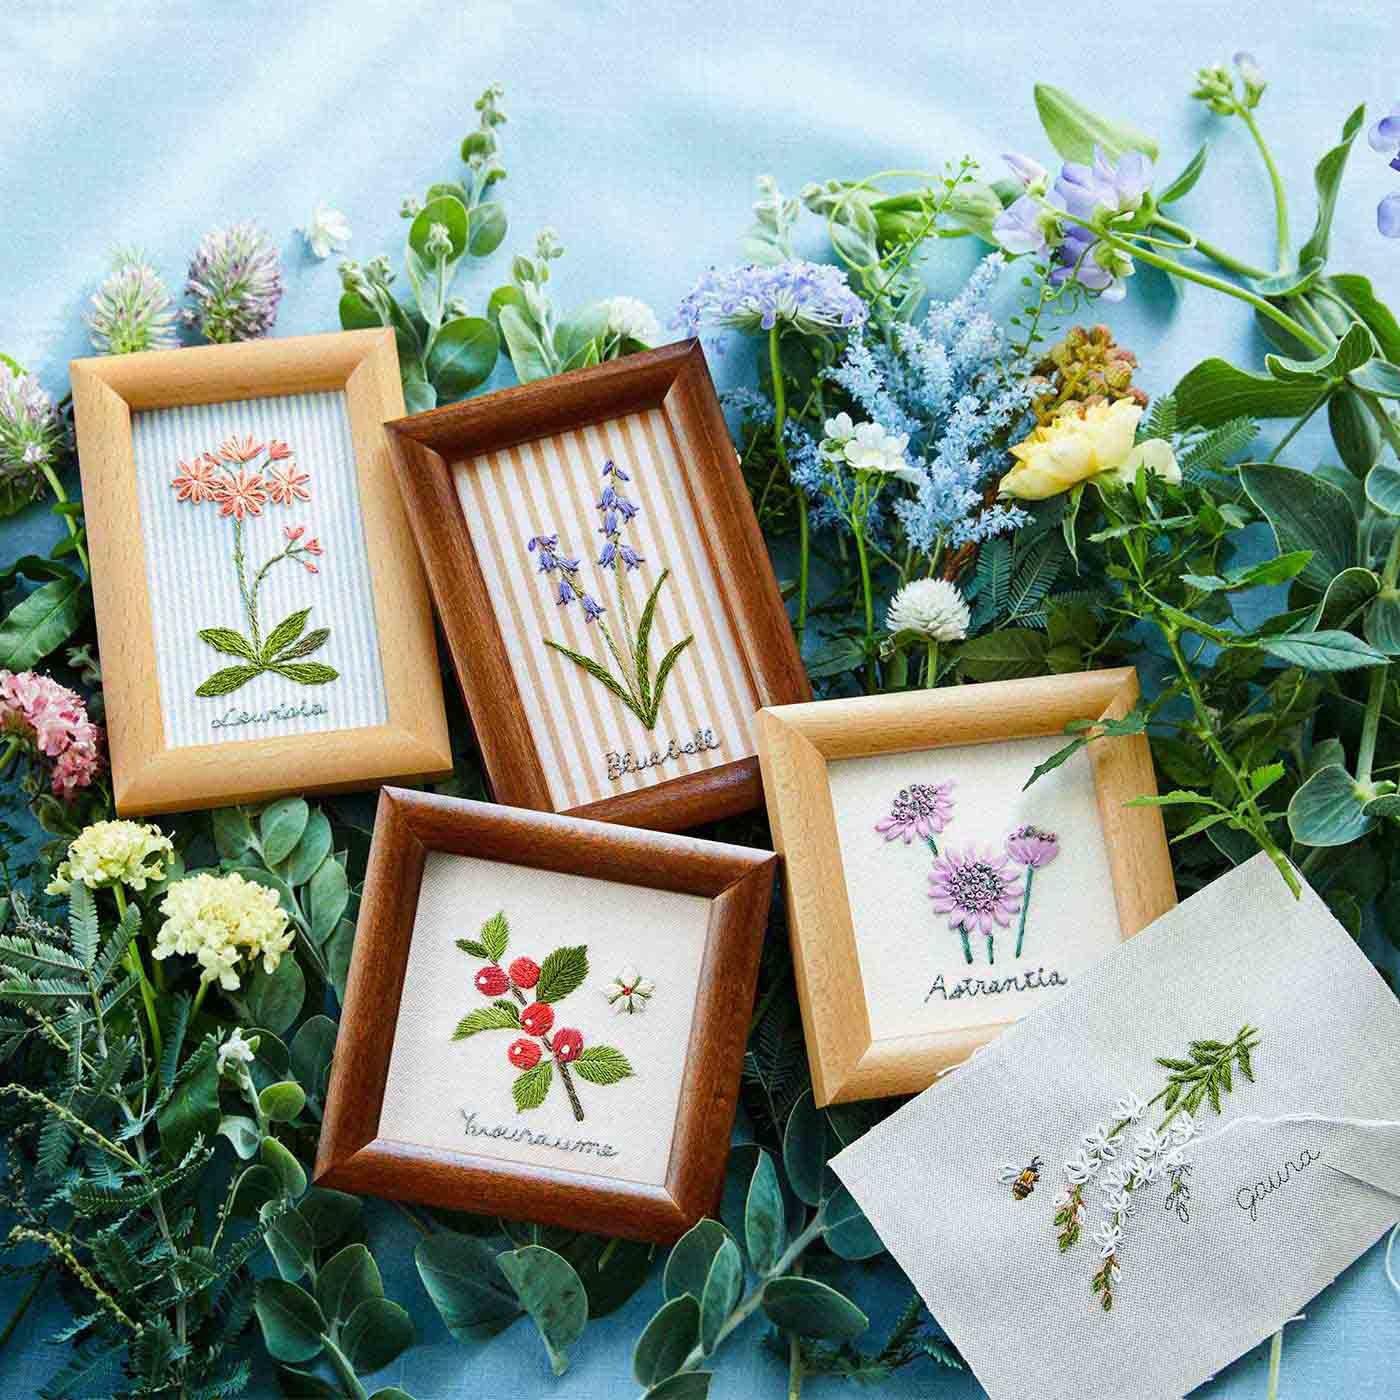 摘みたてを集めた 花と木の実のサンプラー刺しゅうフレームの会